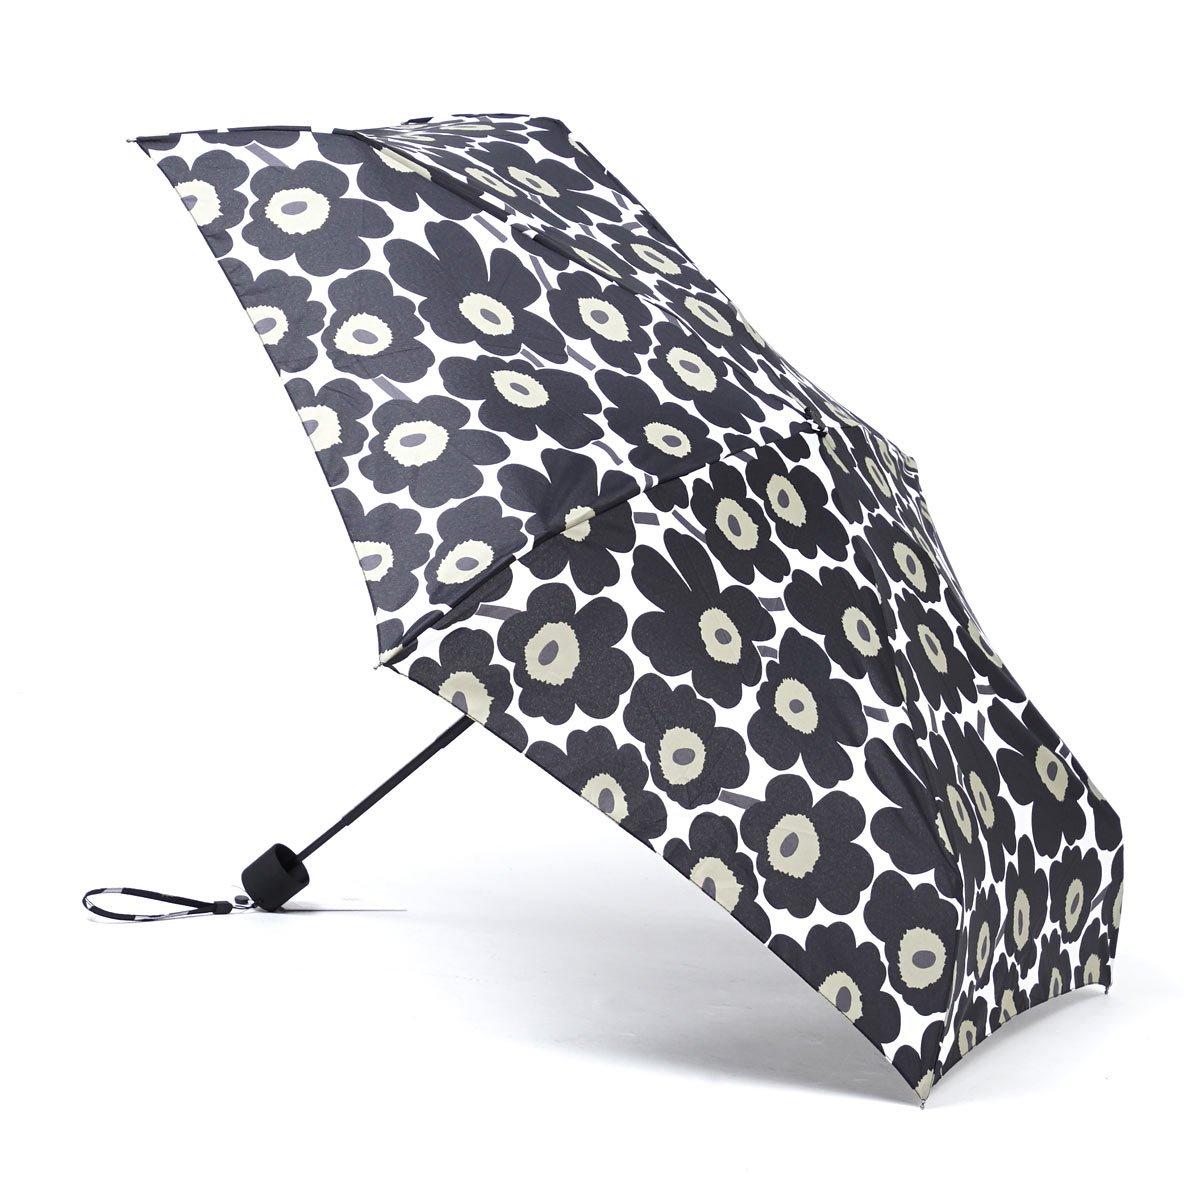 (マリメッコ) marimekko 折りたたみ傘 MINI UNIKKO ウニッコ [並行輸入品] B01J5AEFGA